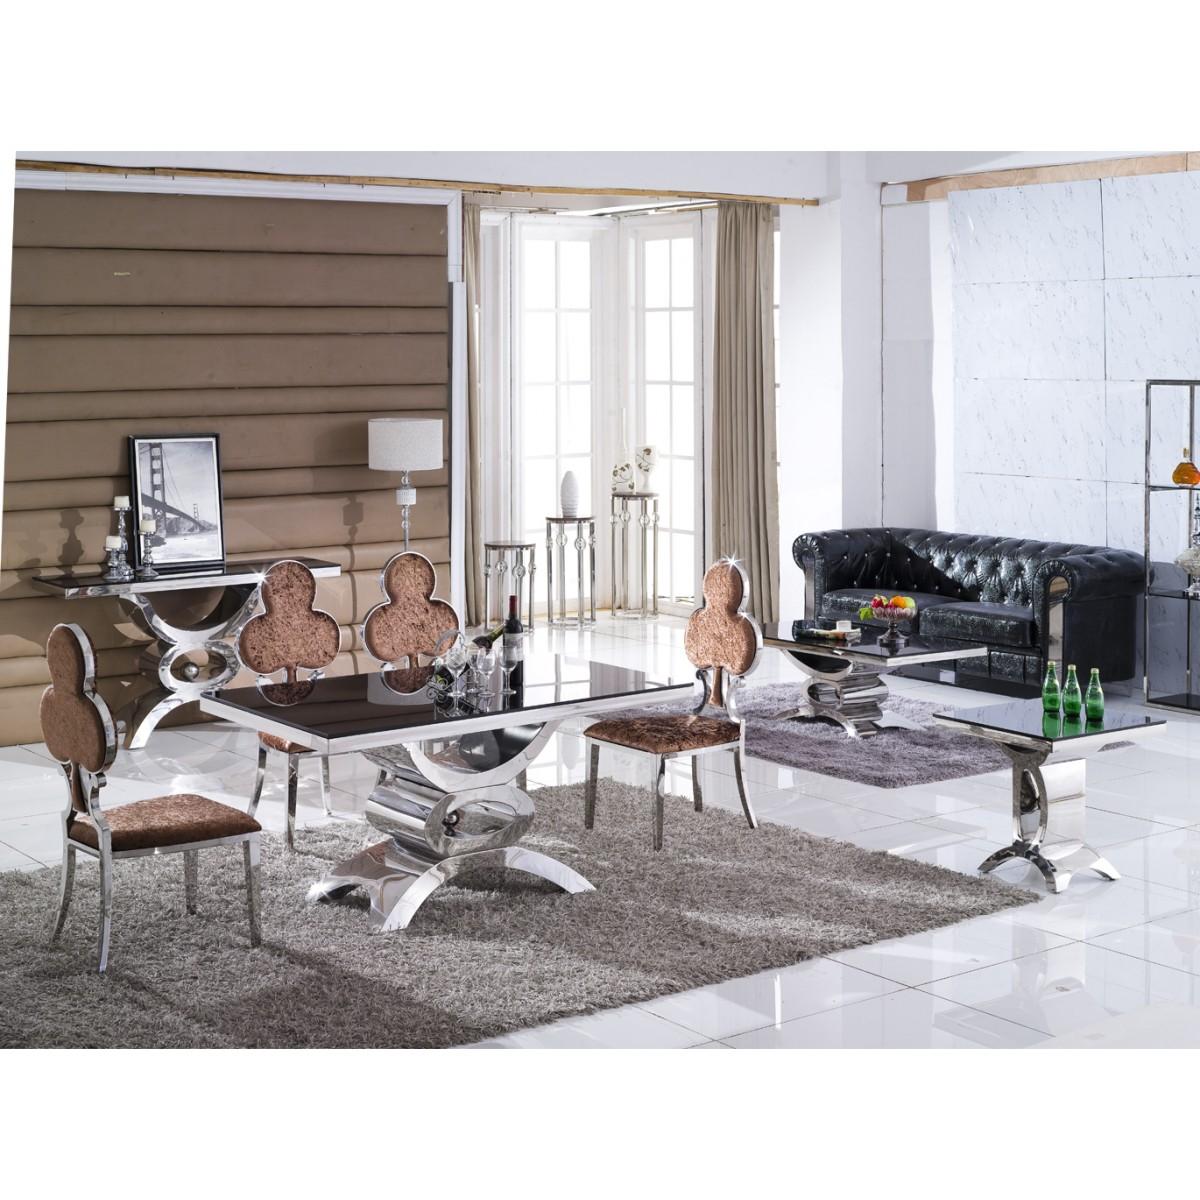 Table de salle manger en inox et verre marbre jaipur - Tables de salle a manger en verre ...